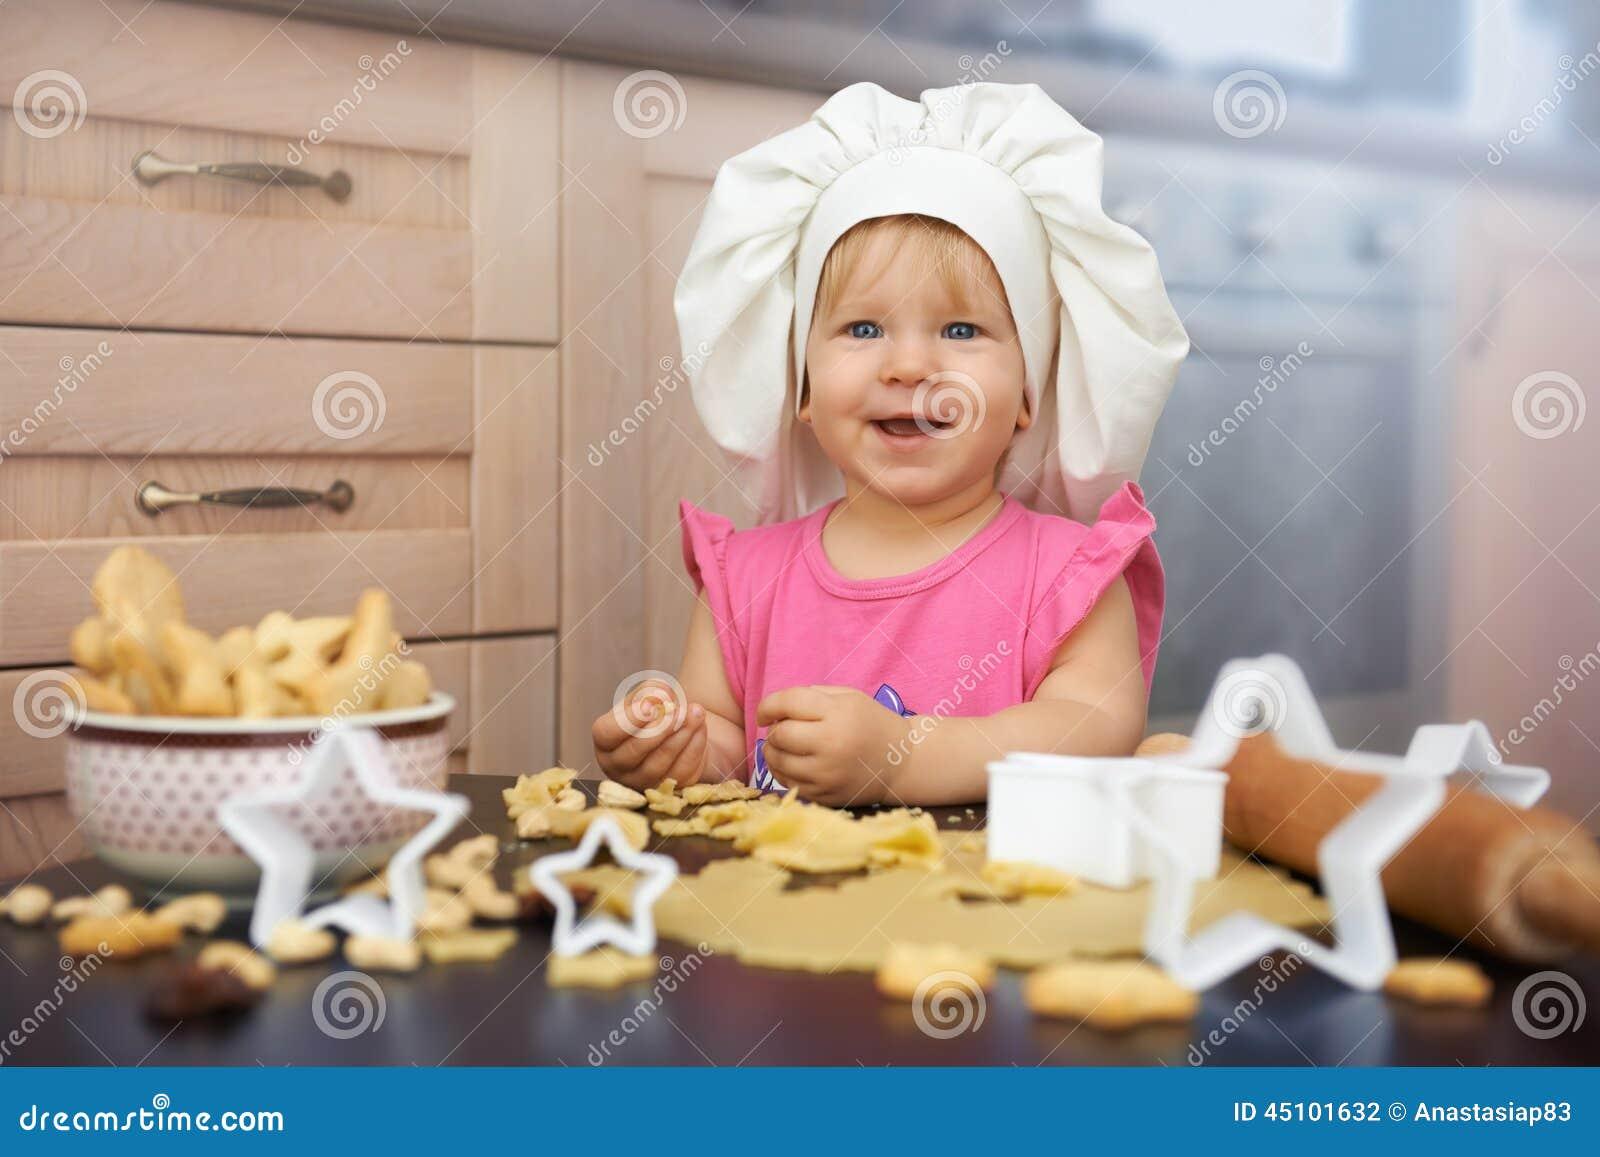 Weinig kind belangrijkste kokende koekjes in de keuken